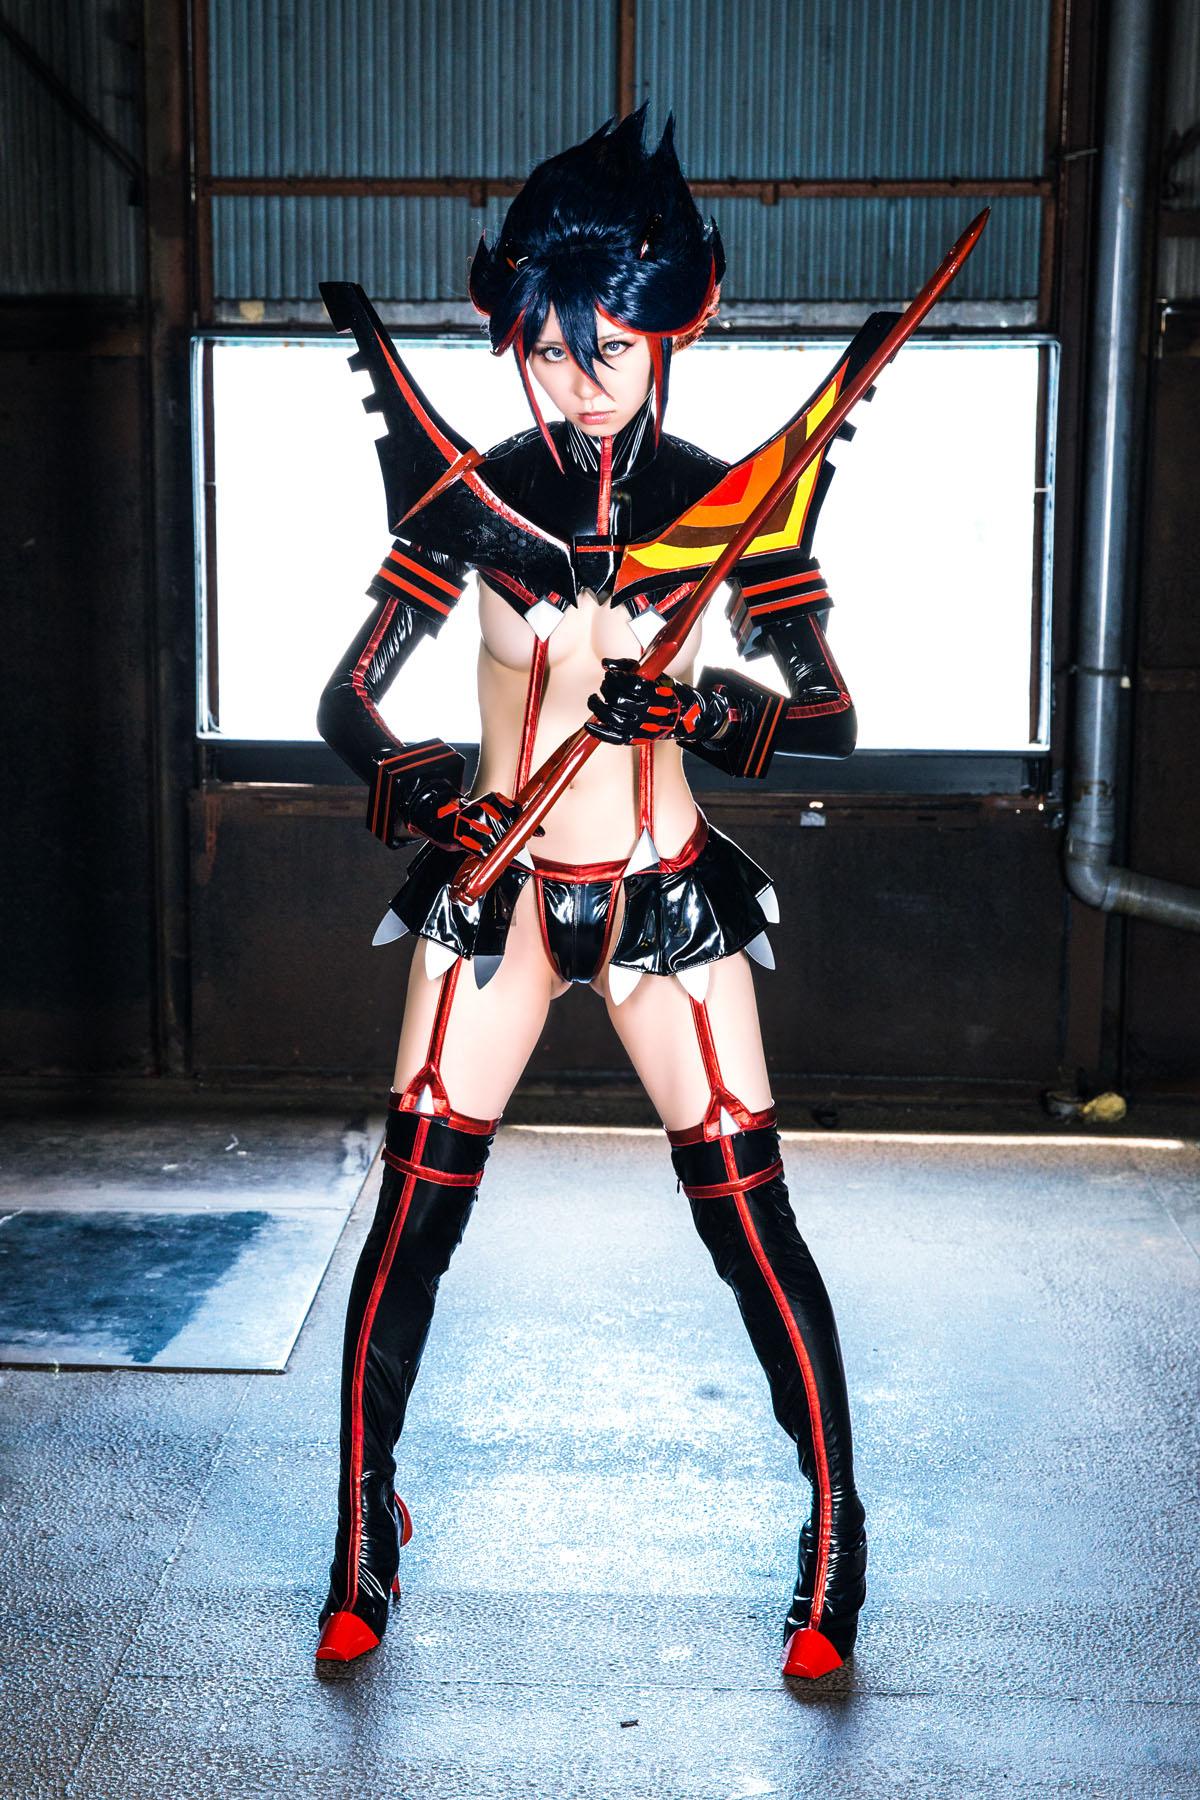 Kill la Kill Ryuuko Matoi anime cosplay by Mikehouse 0003